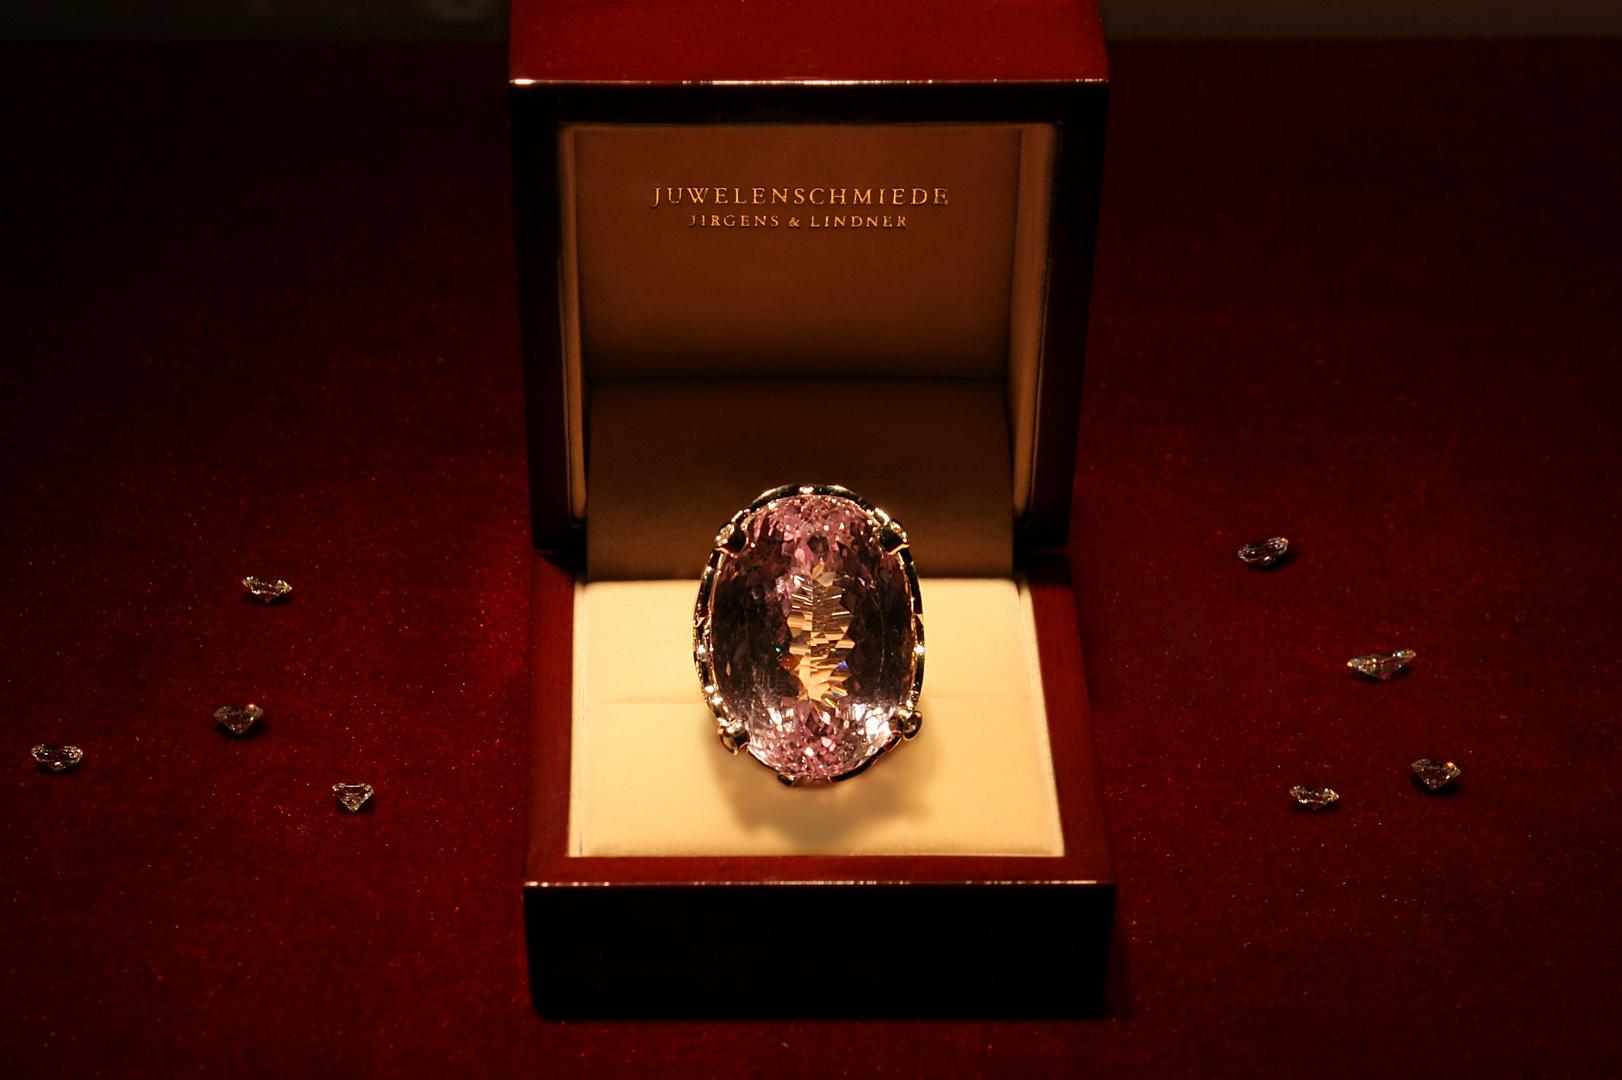 Juwelenschmiede